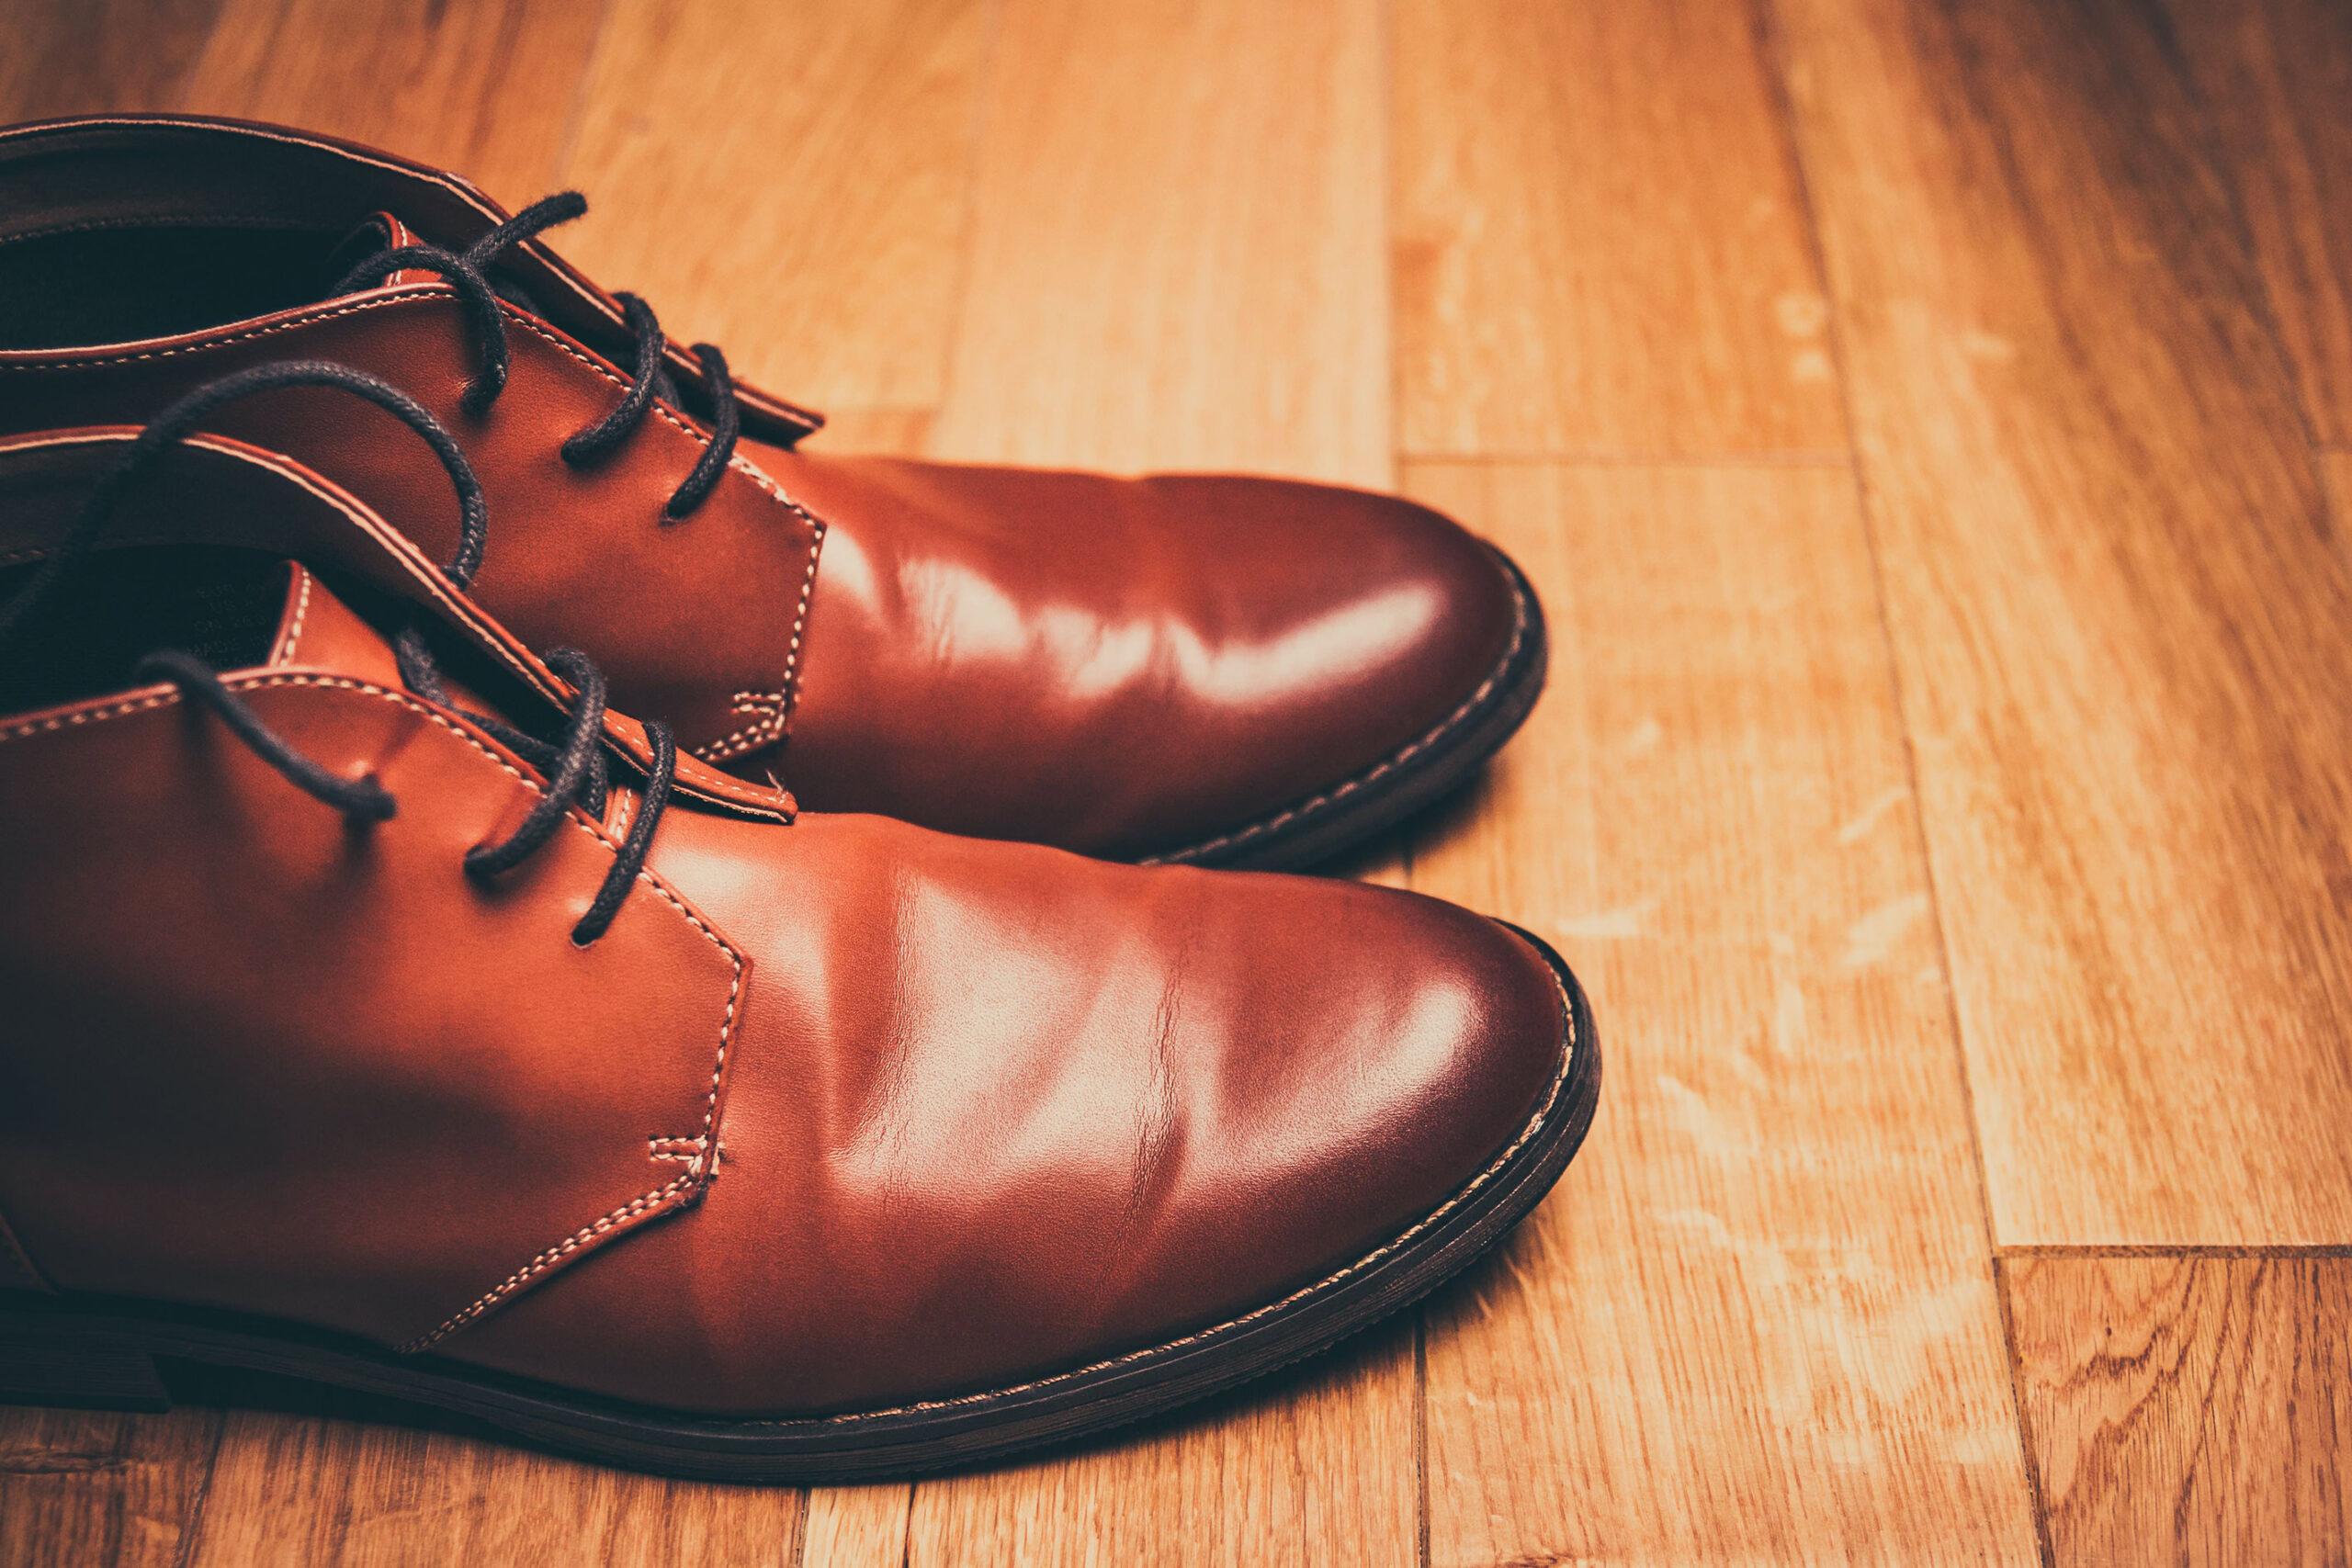 Schuhe, die perfekt parallel nebeneinander sind. Ein Beispiel für das Verhalten von Autisten. In der Martin Stiftung gibt es für sie unterstützte Kommunikation und besondere Wohnformen..